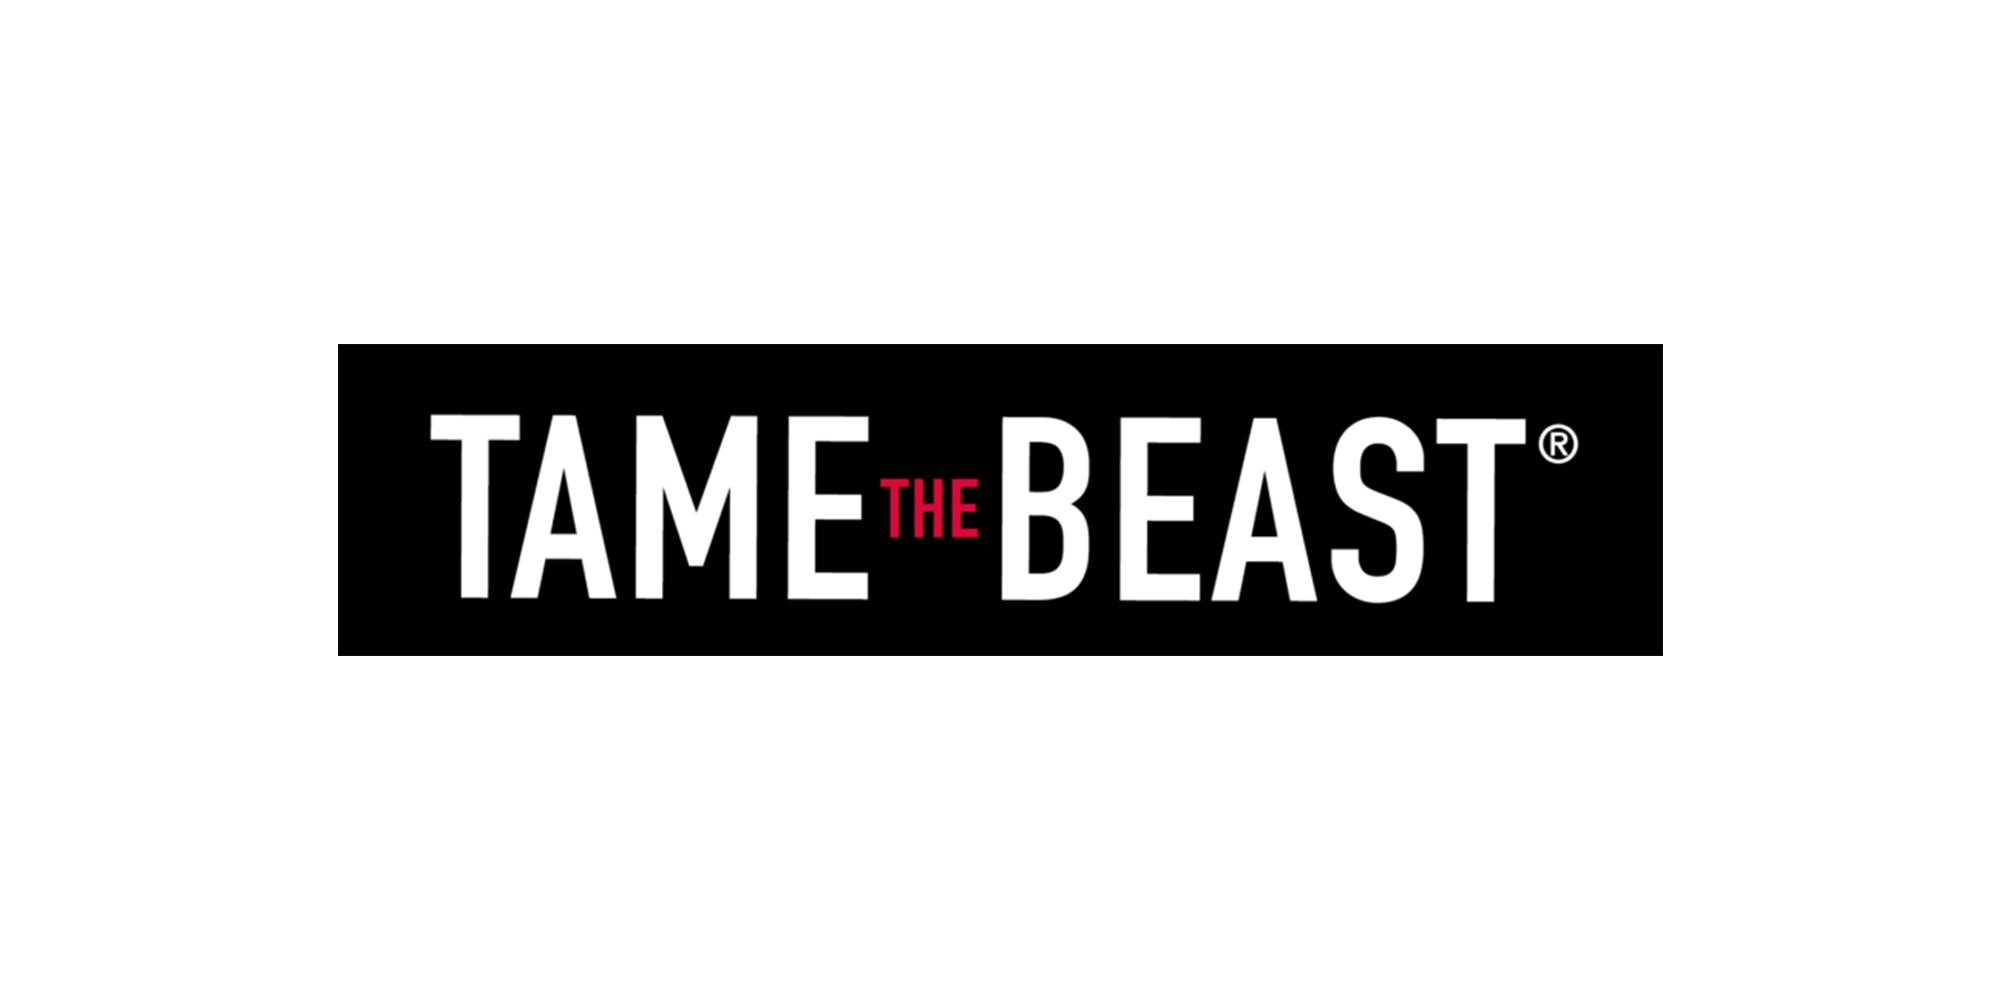 TameTheBeast.jpg